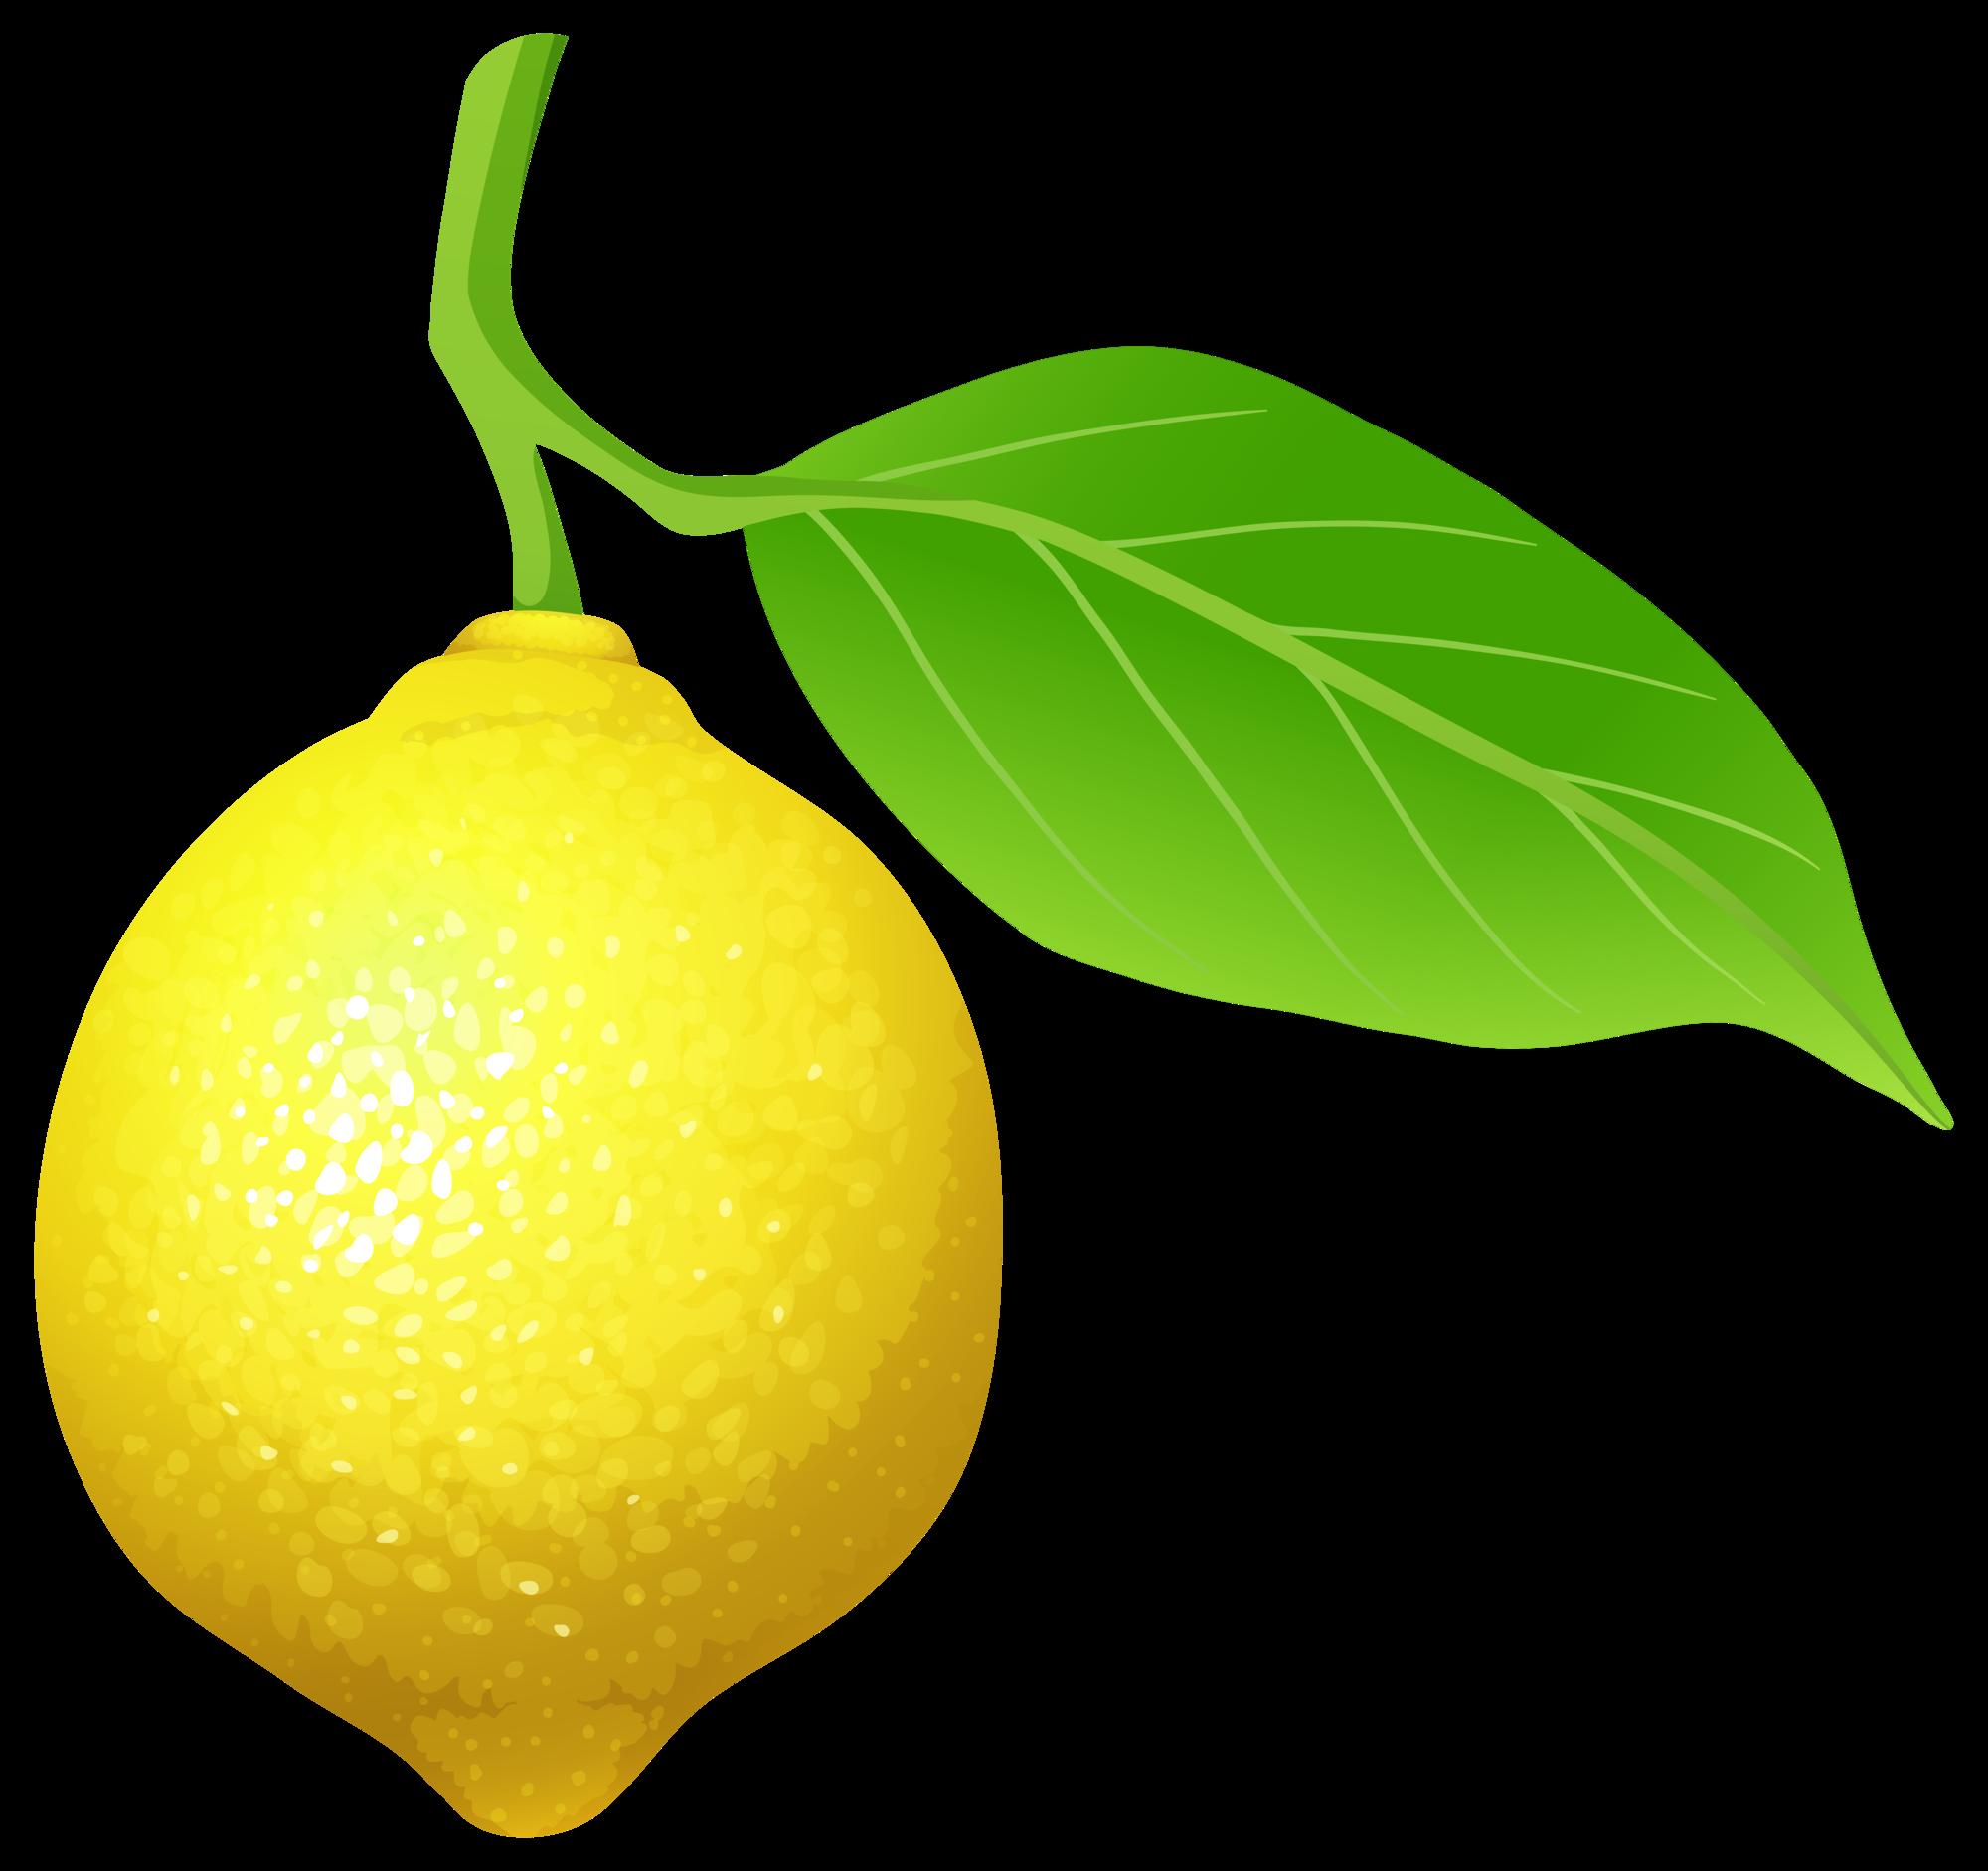 Clipart fruit lemon. Png clip art